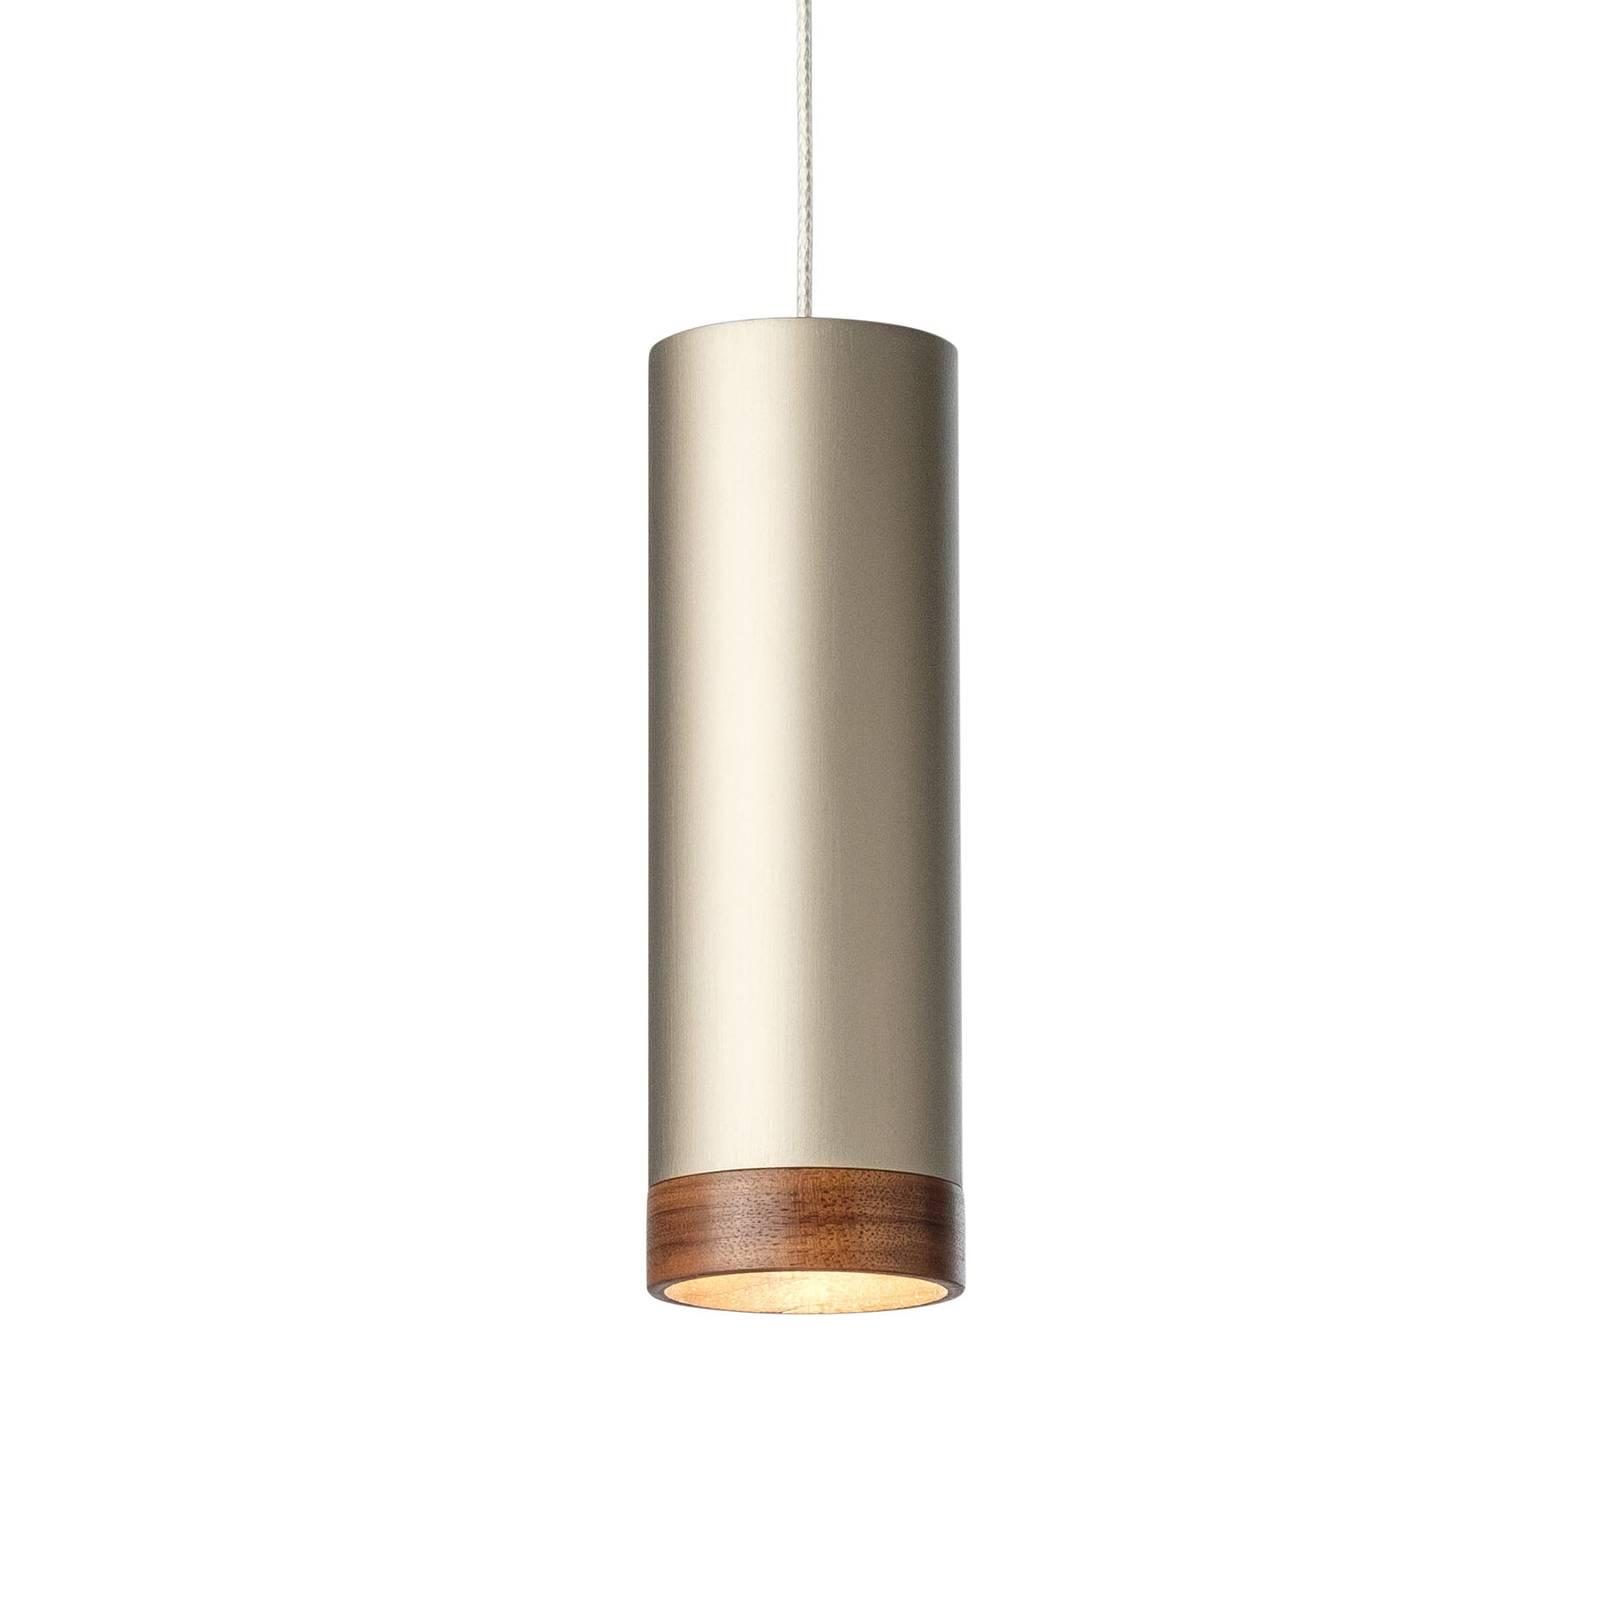 LED-riippuvalaisin PHEB, hopea-pronssi/pähkinäpuu